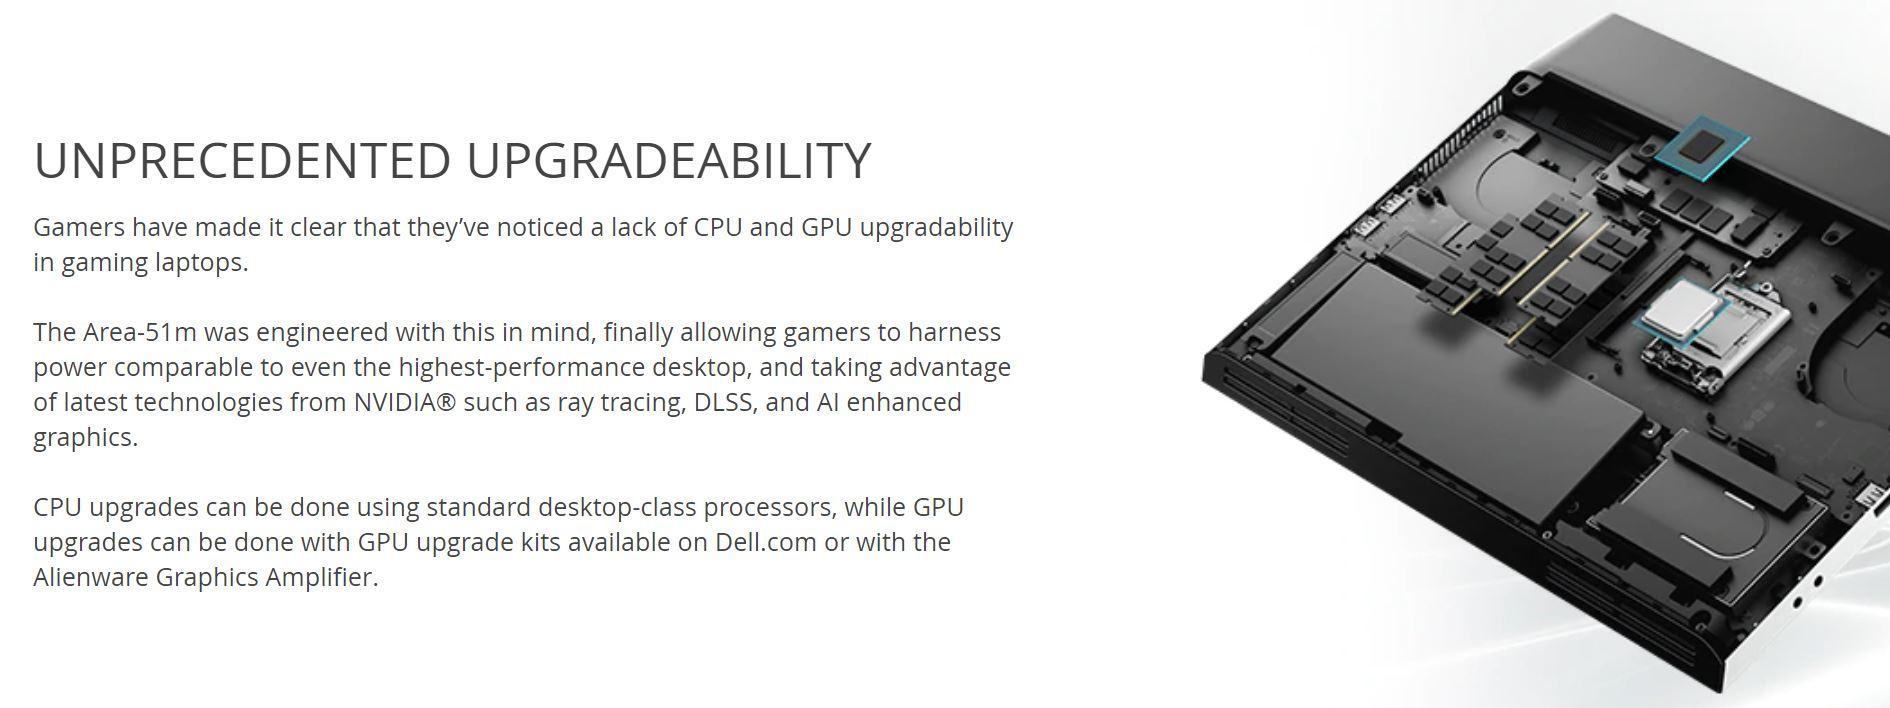 На Dell подали в суд за ложные заявления о возможности апгрейда CPU игрового ноутбука Alienware Area-51m